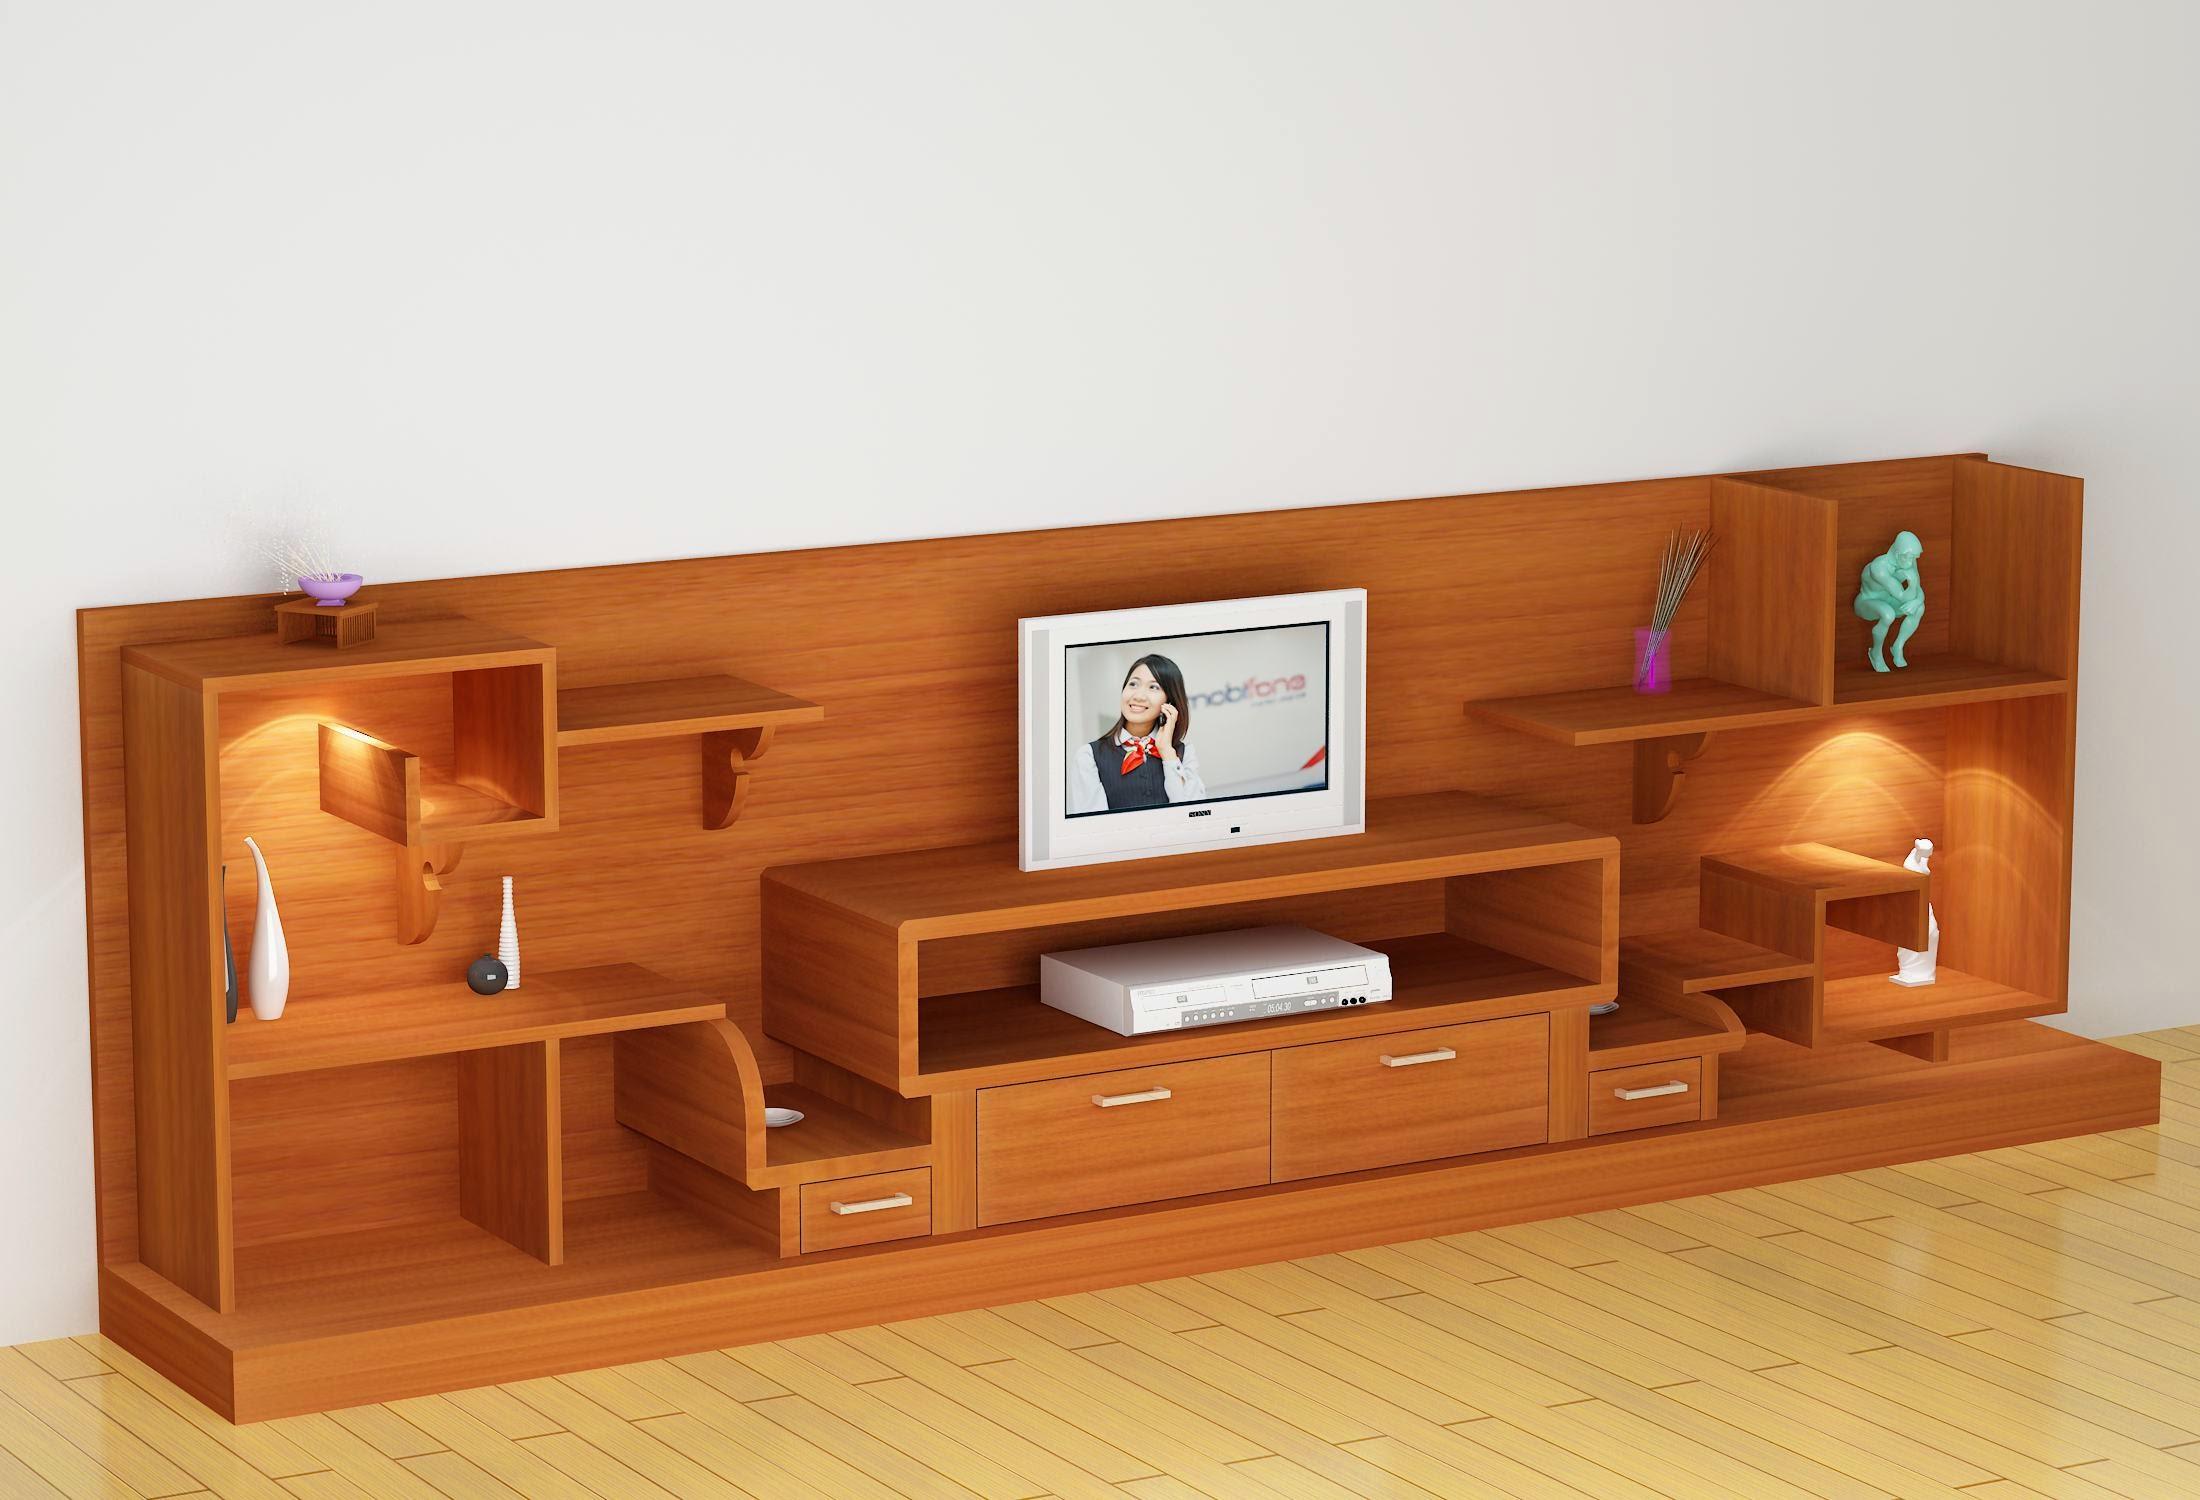 Kệ tivi gỗ trong trang trí nội thất